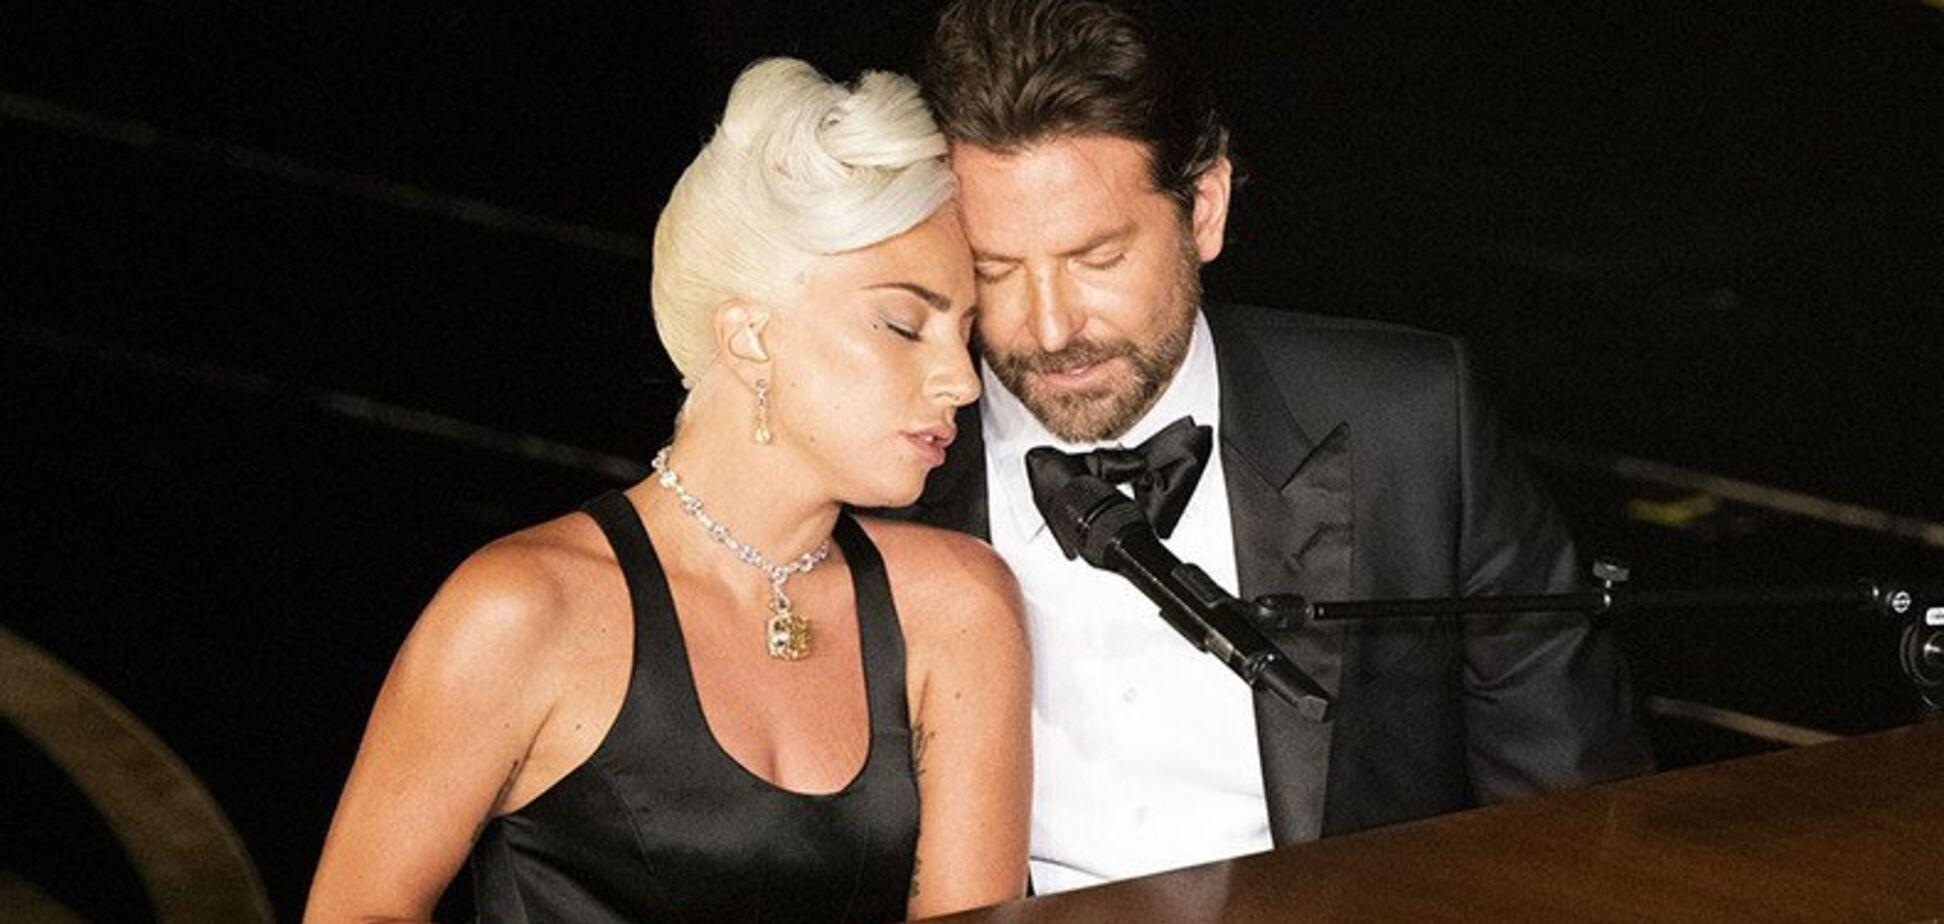 Леди Гага резко прокомментировала роман с Брэдли Купером: появилось видео